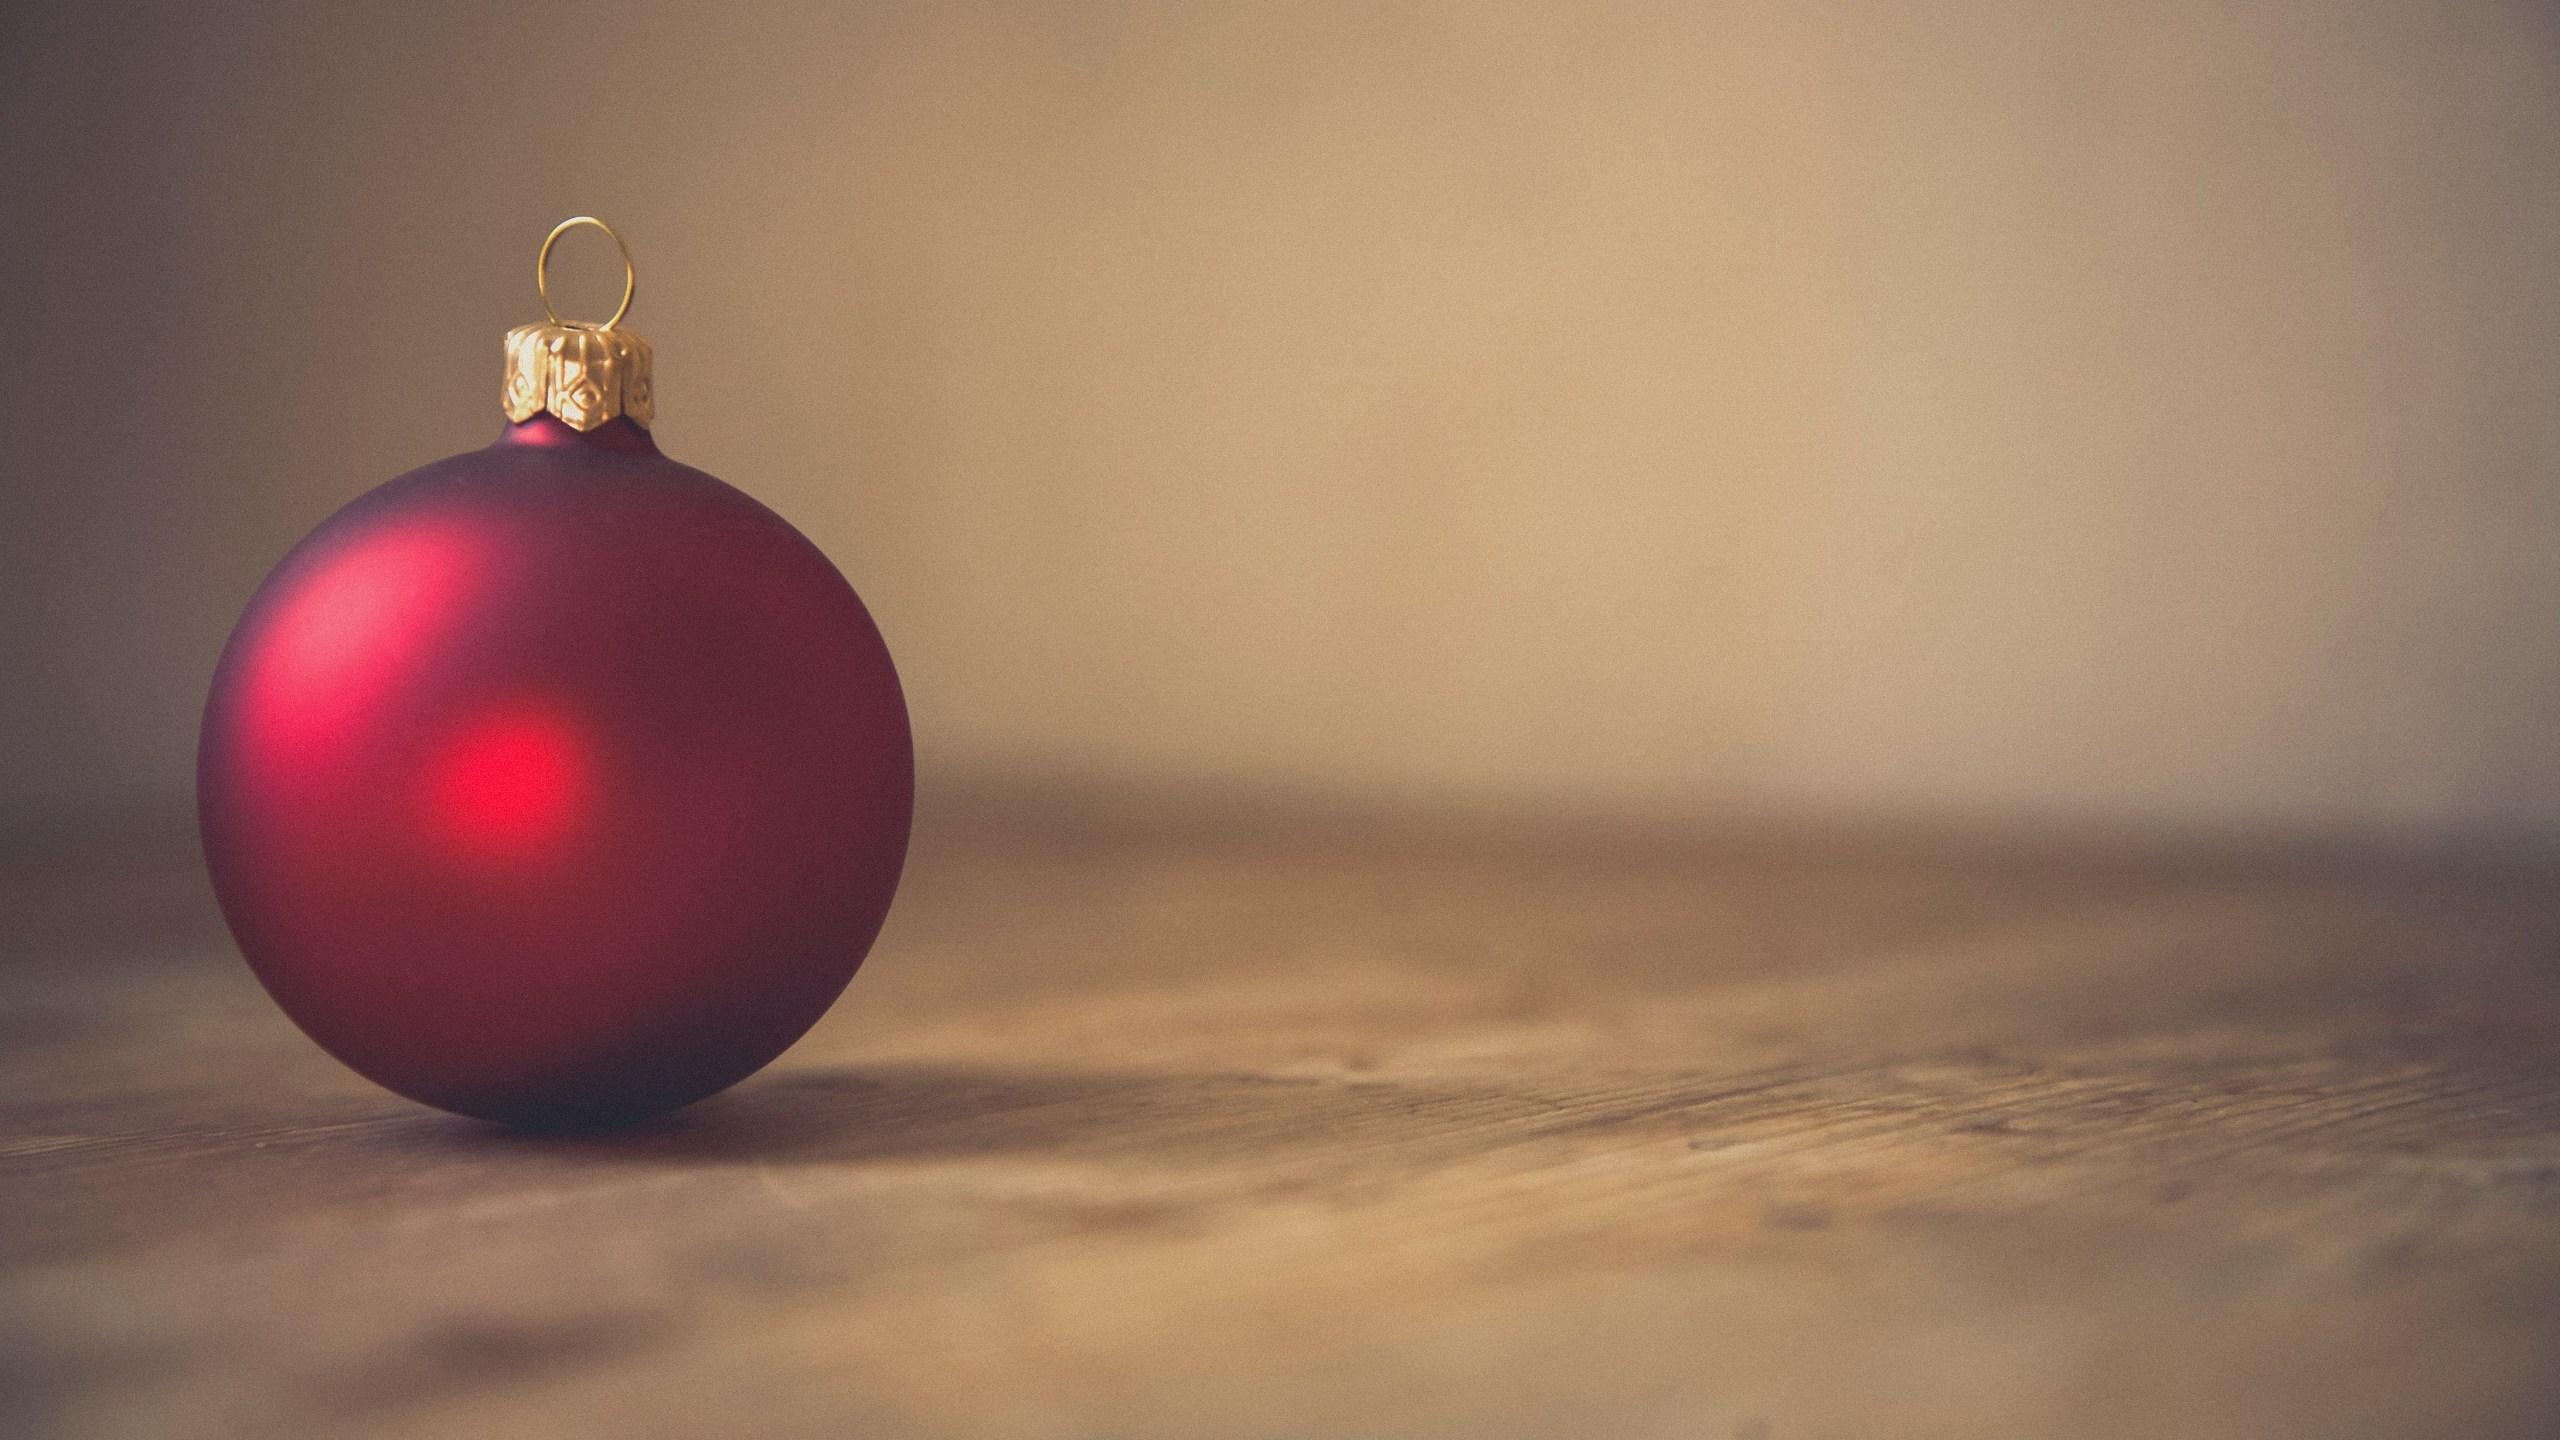 Christmas ball ornament_371922